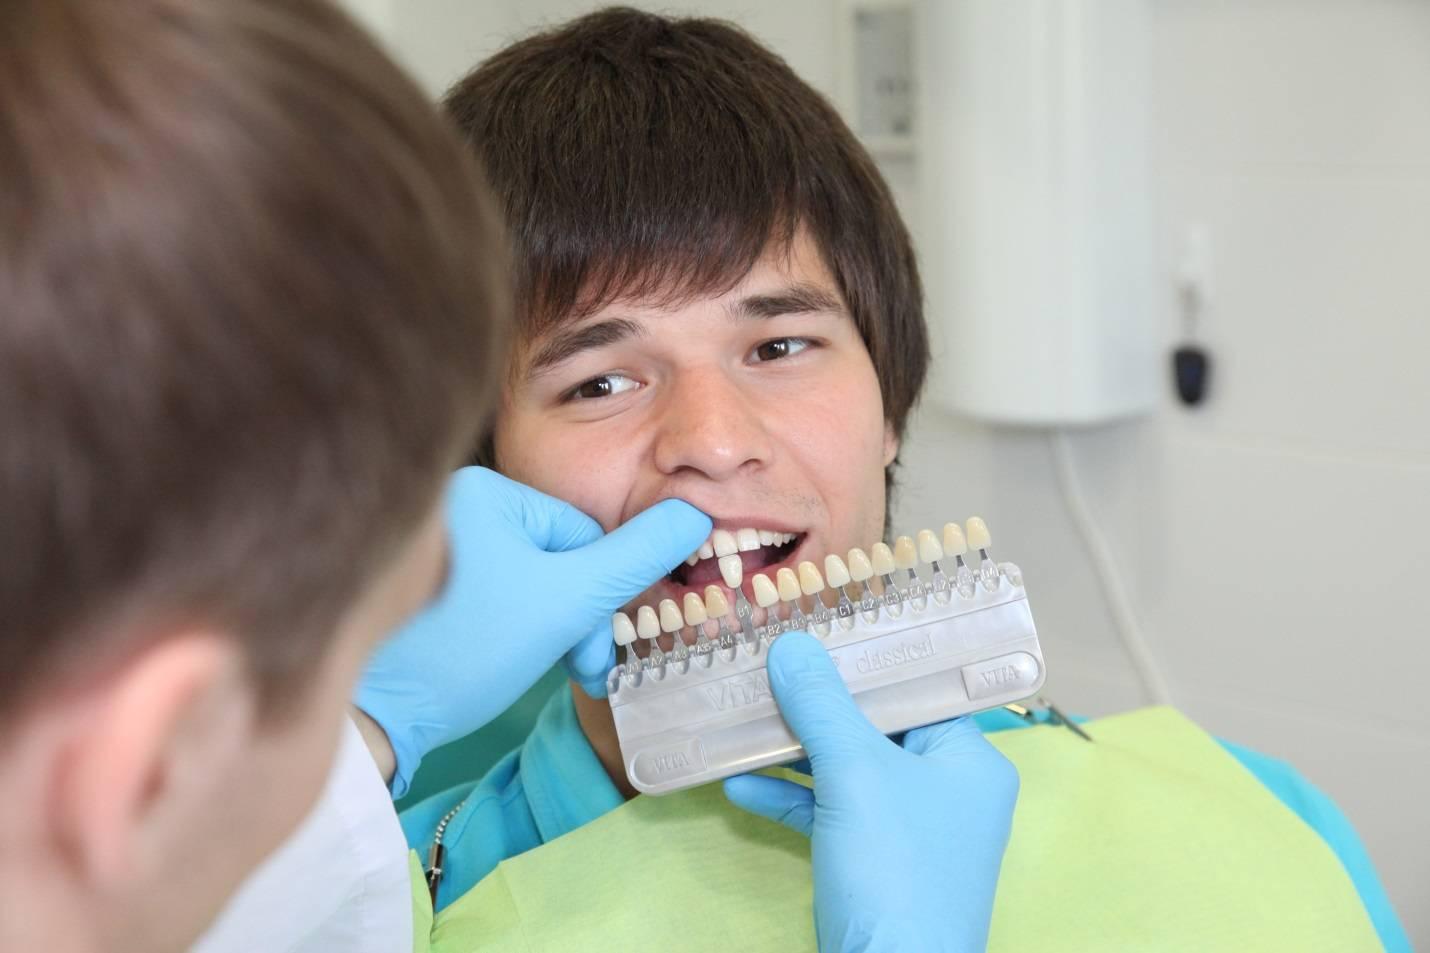 С чего начать протезирование зубов: рекомендации по выбору и подготовке